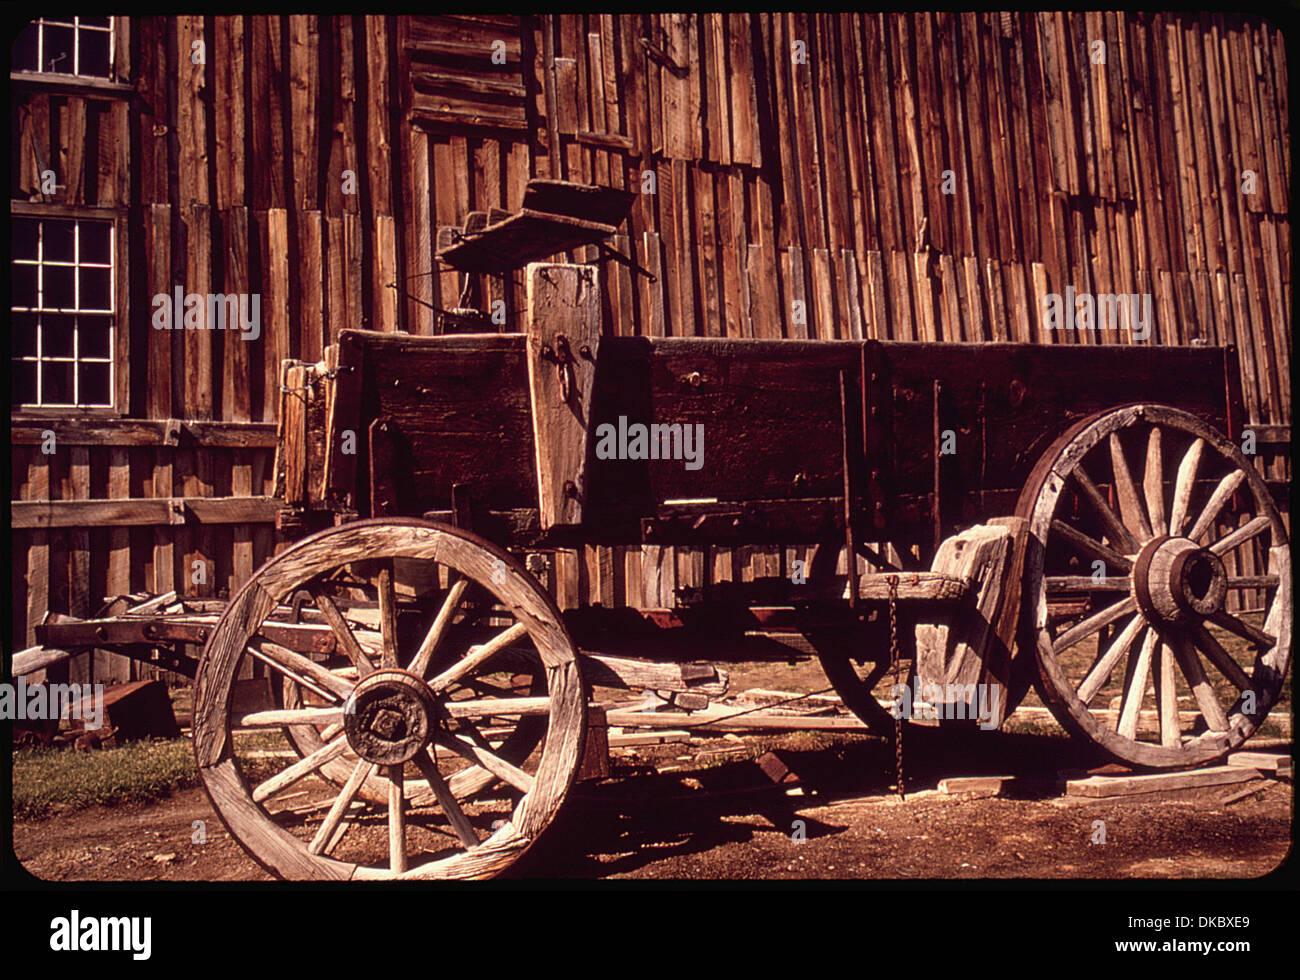 Un vagón de madera restaurados en BODIE Parque Histórico Estatal BODÍ ES UNO DE LOS MÁS bien conservados pueblos fantasma en los EE.UU. 543118 Imagen De Stock